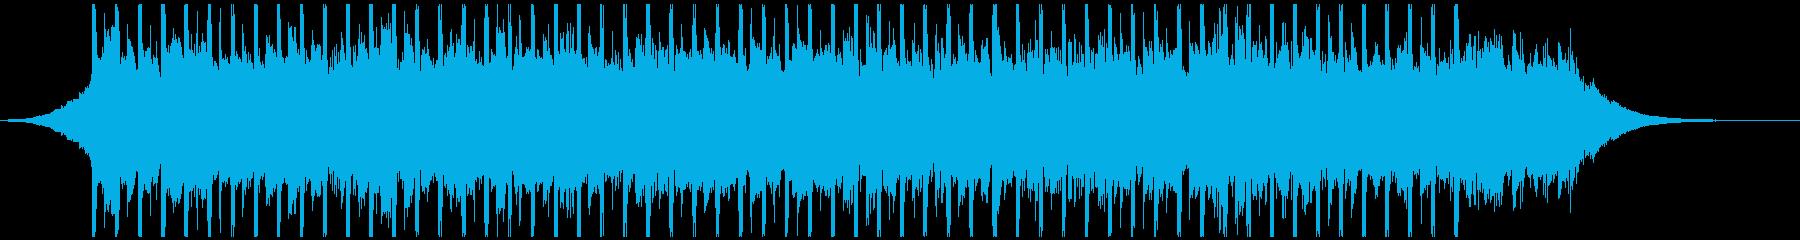 成功のための戦略(40秒)の再生済みの波形